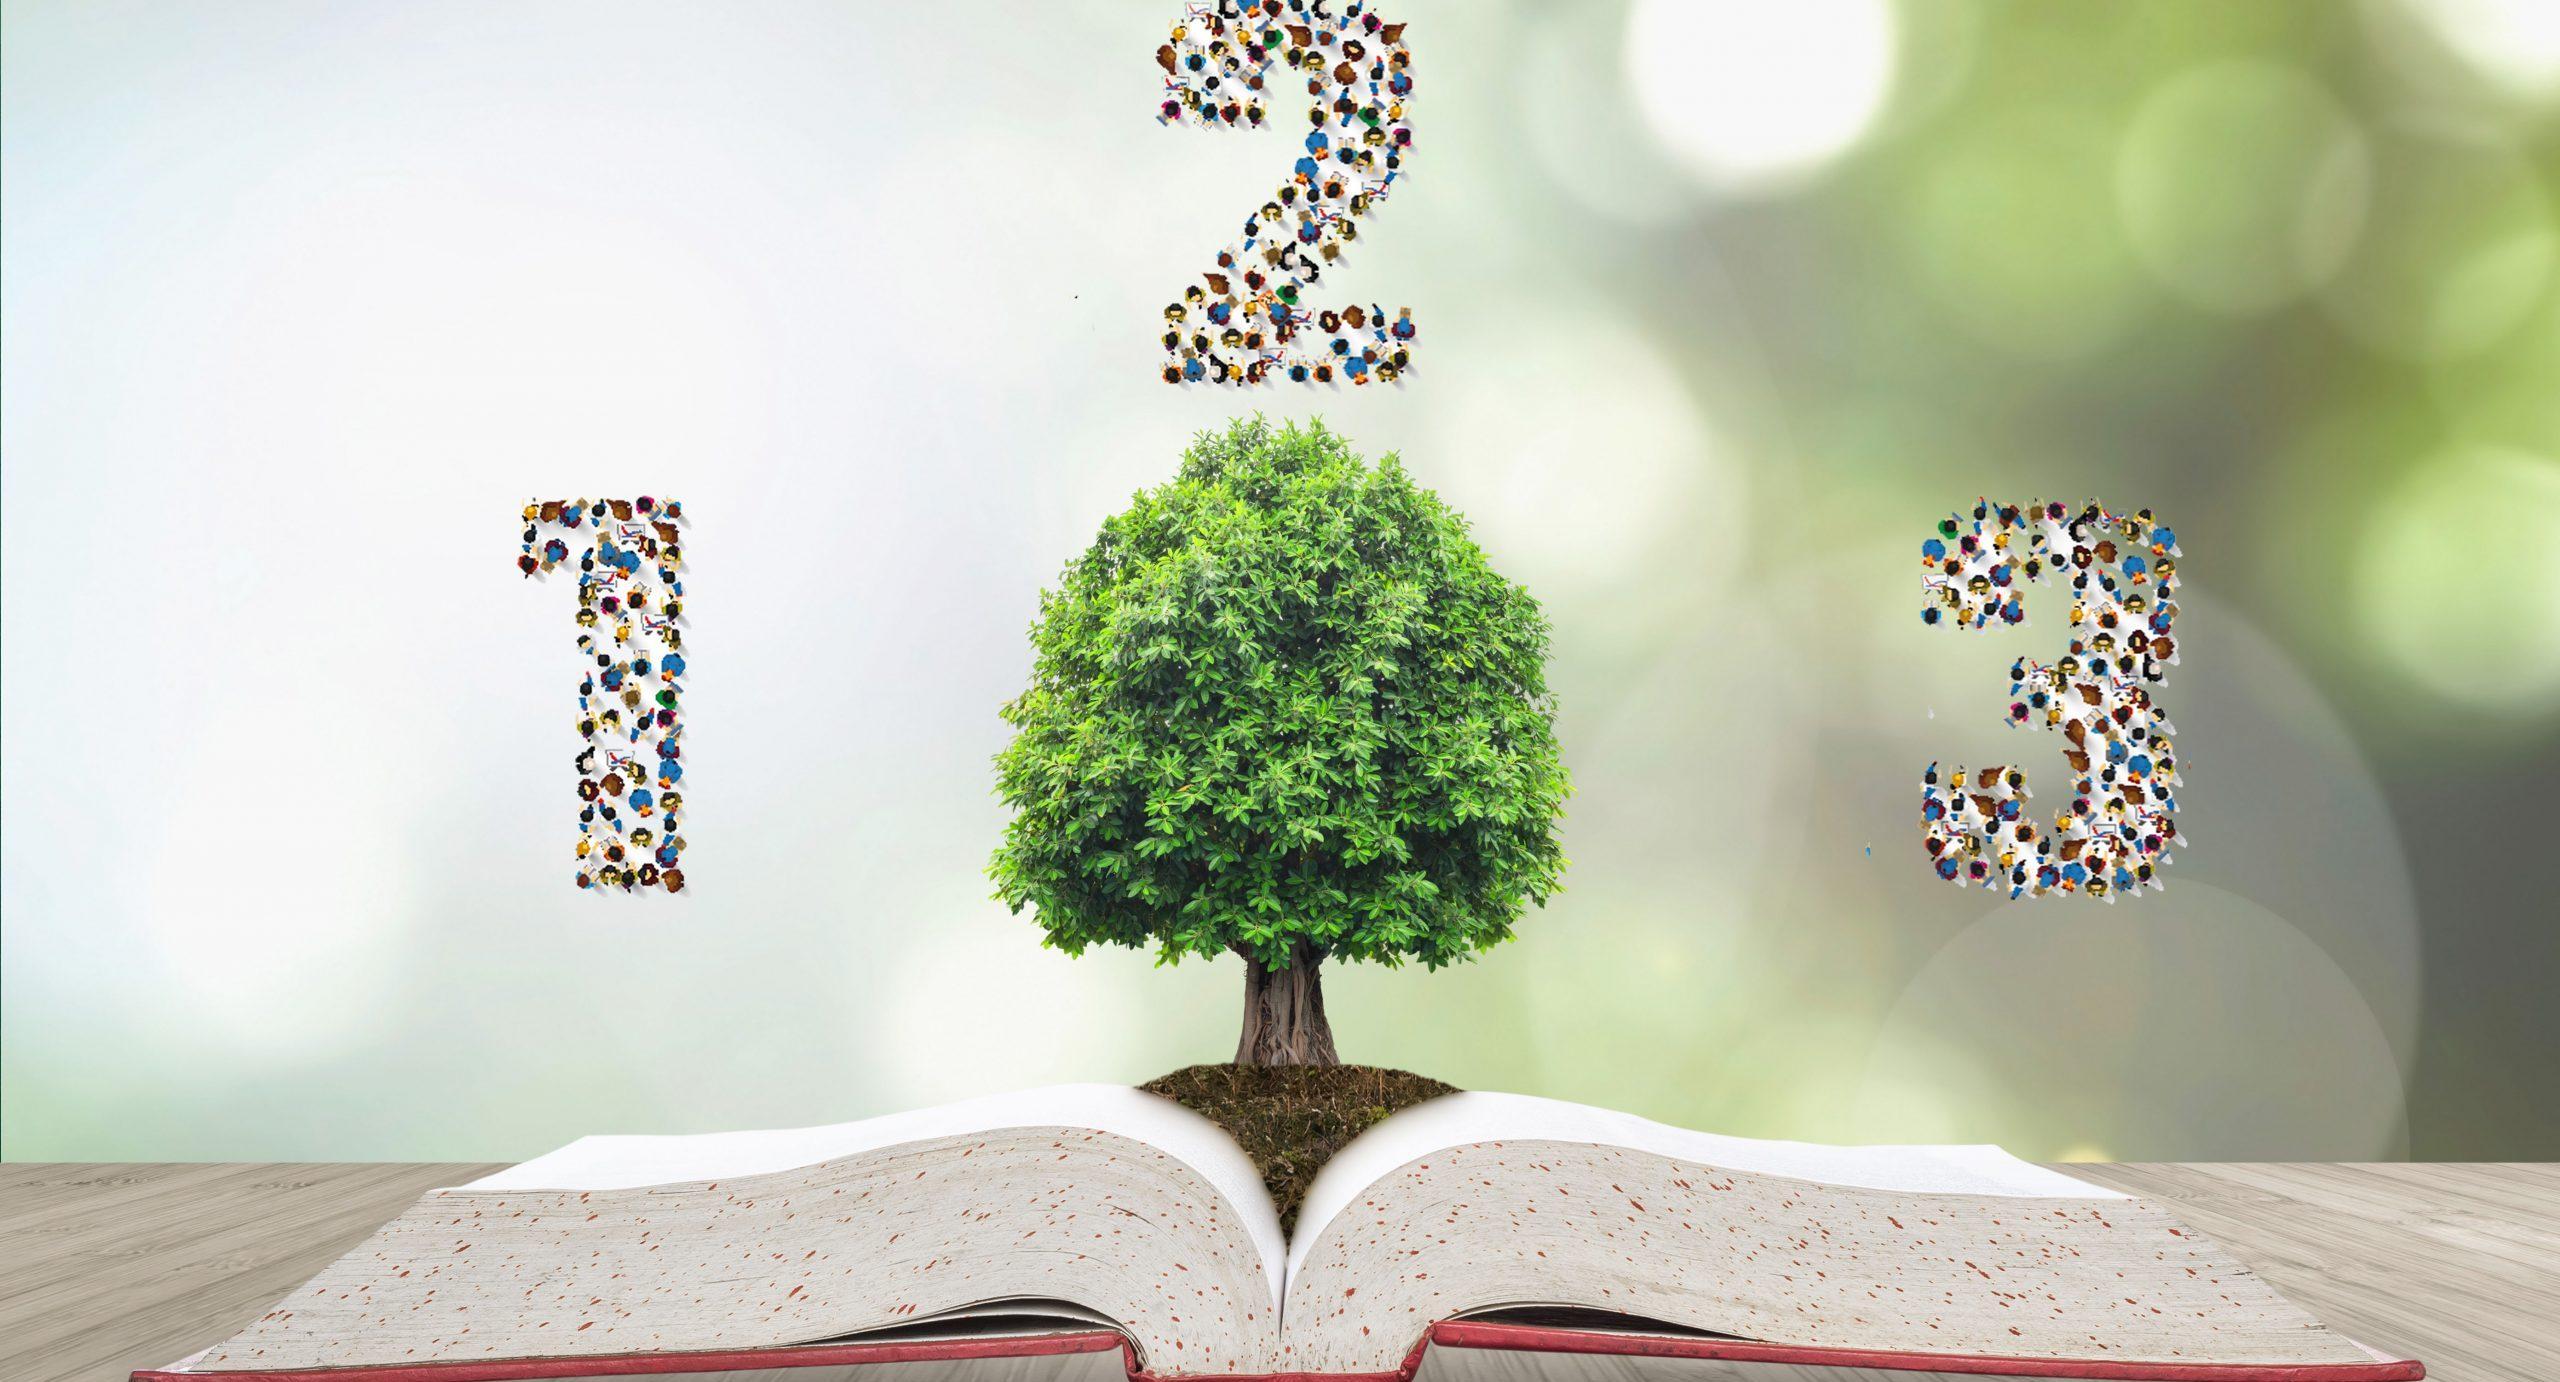 Artikel Drie aanbevelingen omgevinsplan